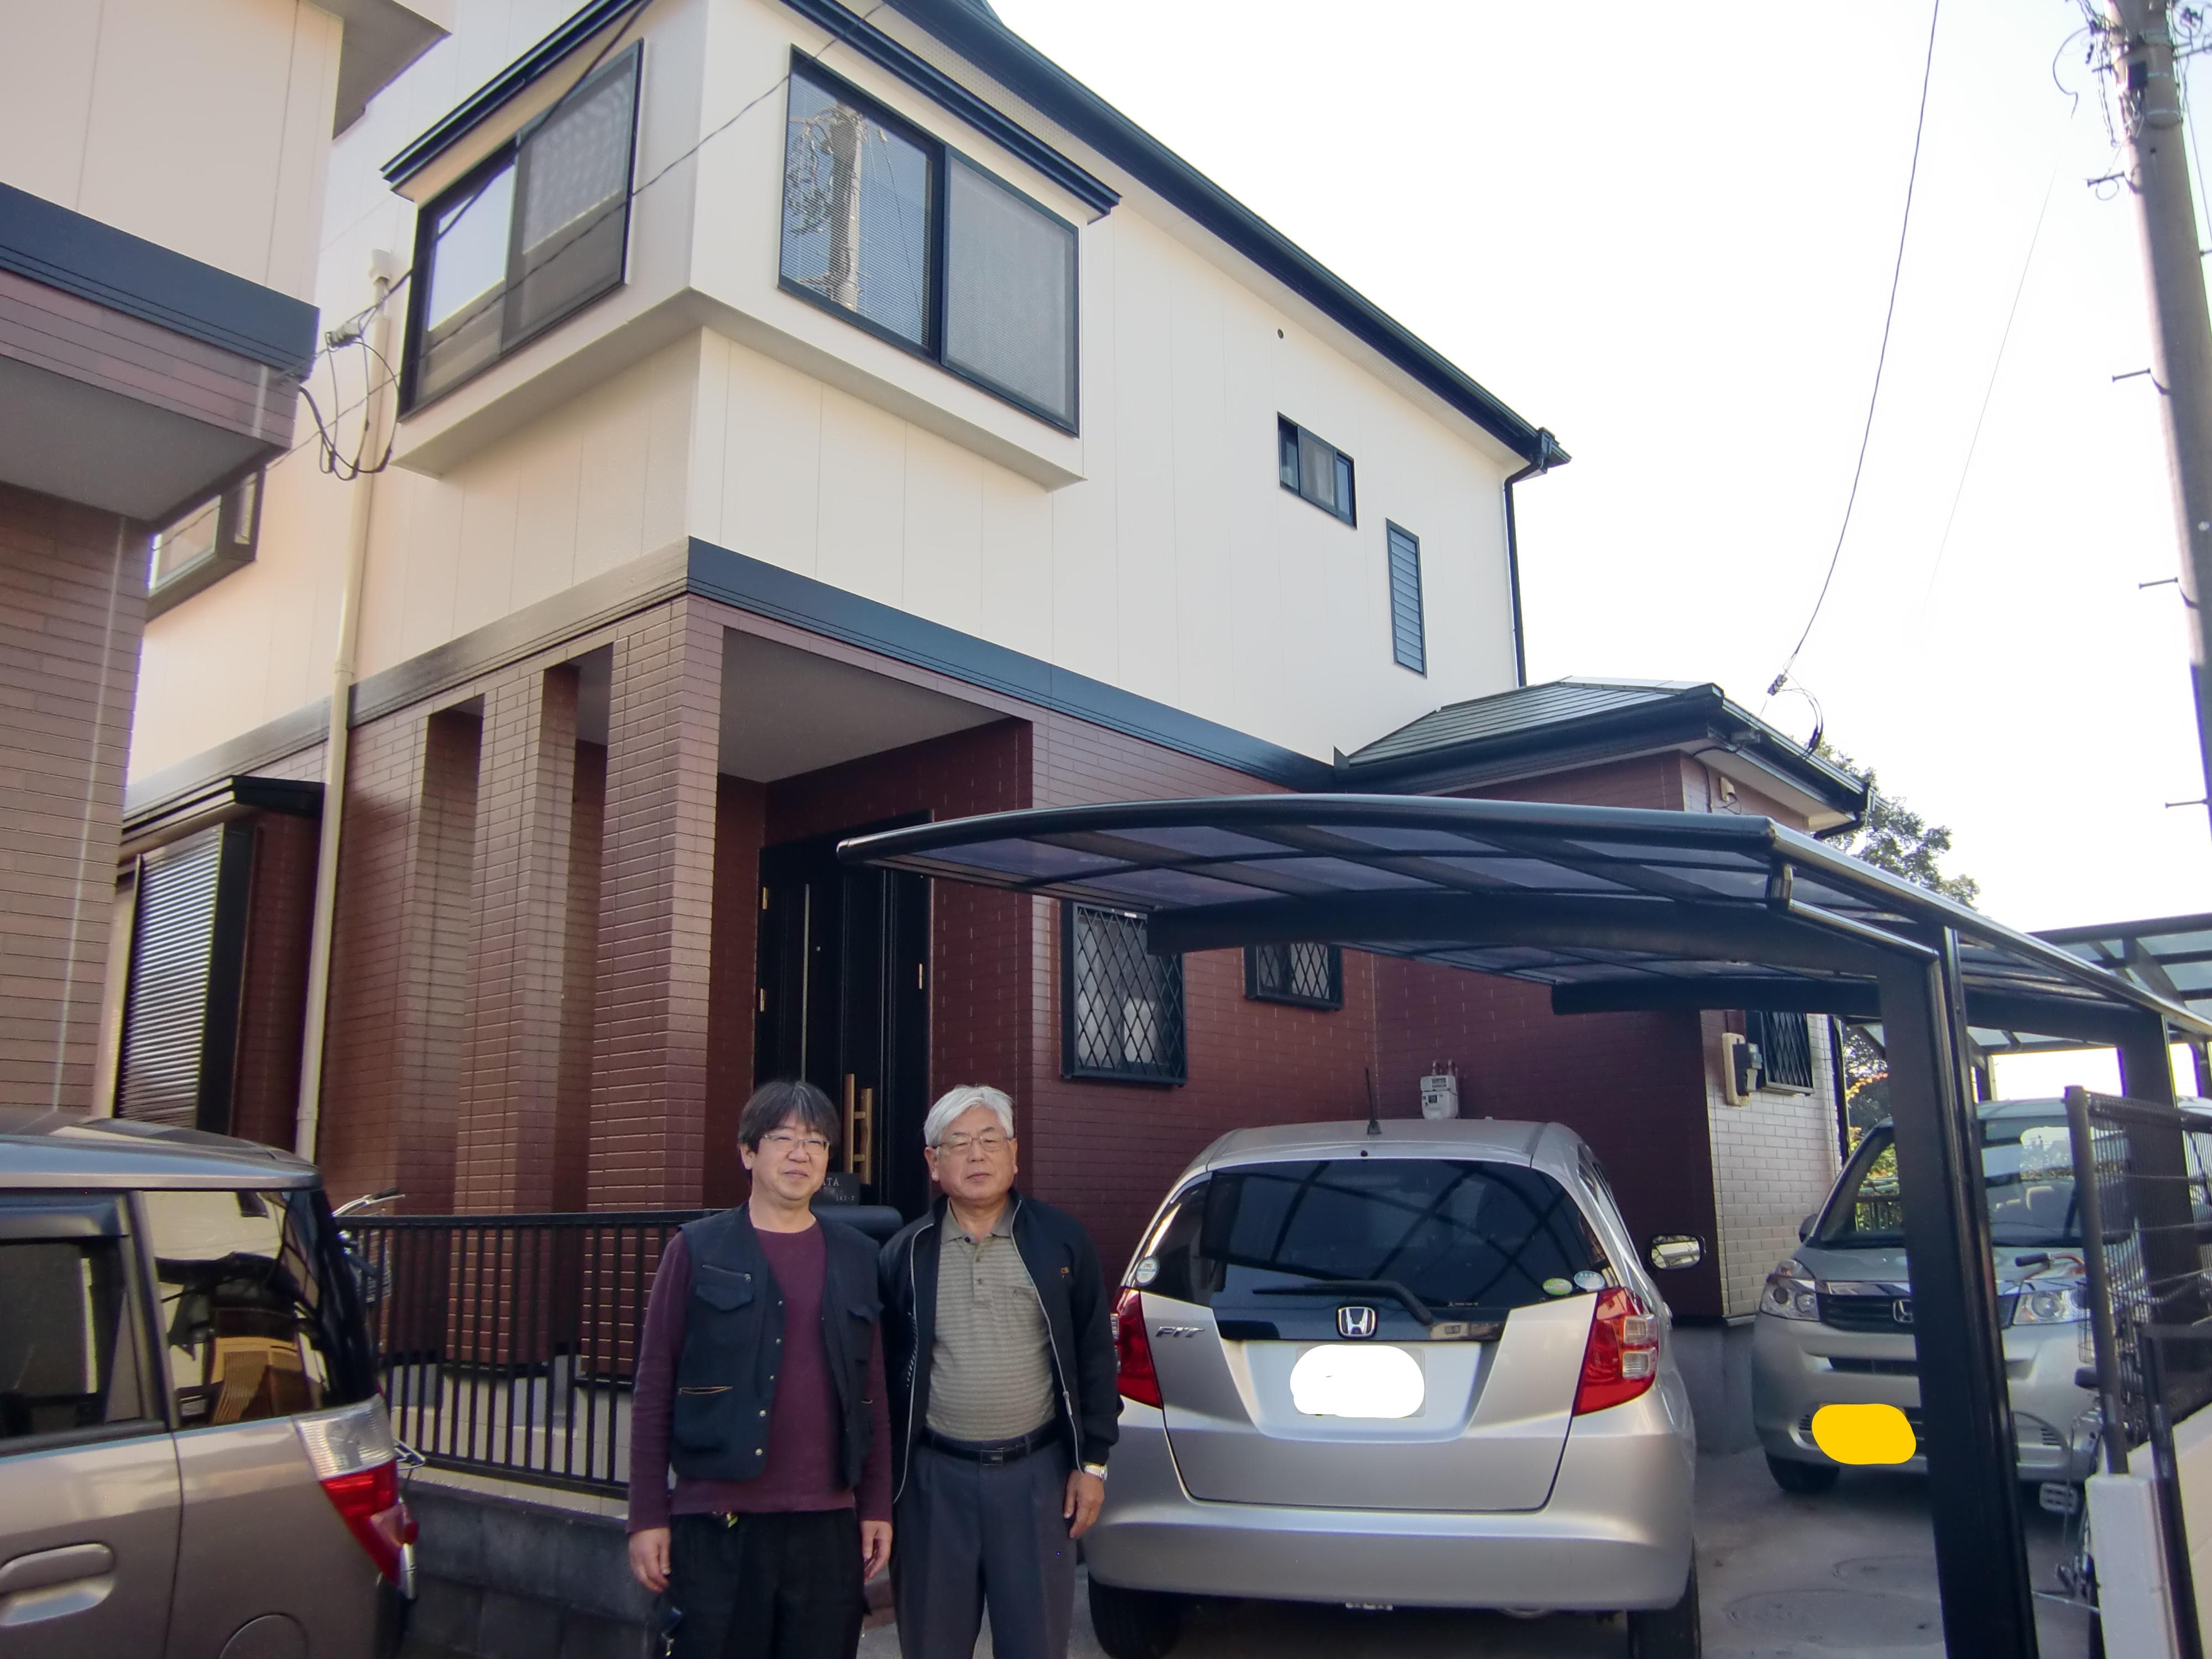 埼玉県 ケイナスホーム さいたま さいたま市 上尾市 蓮田市